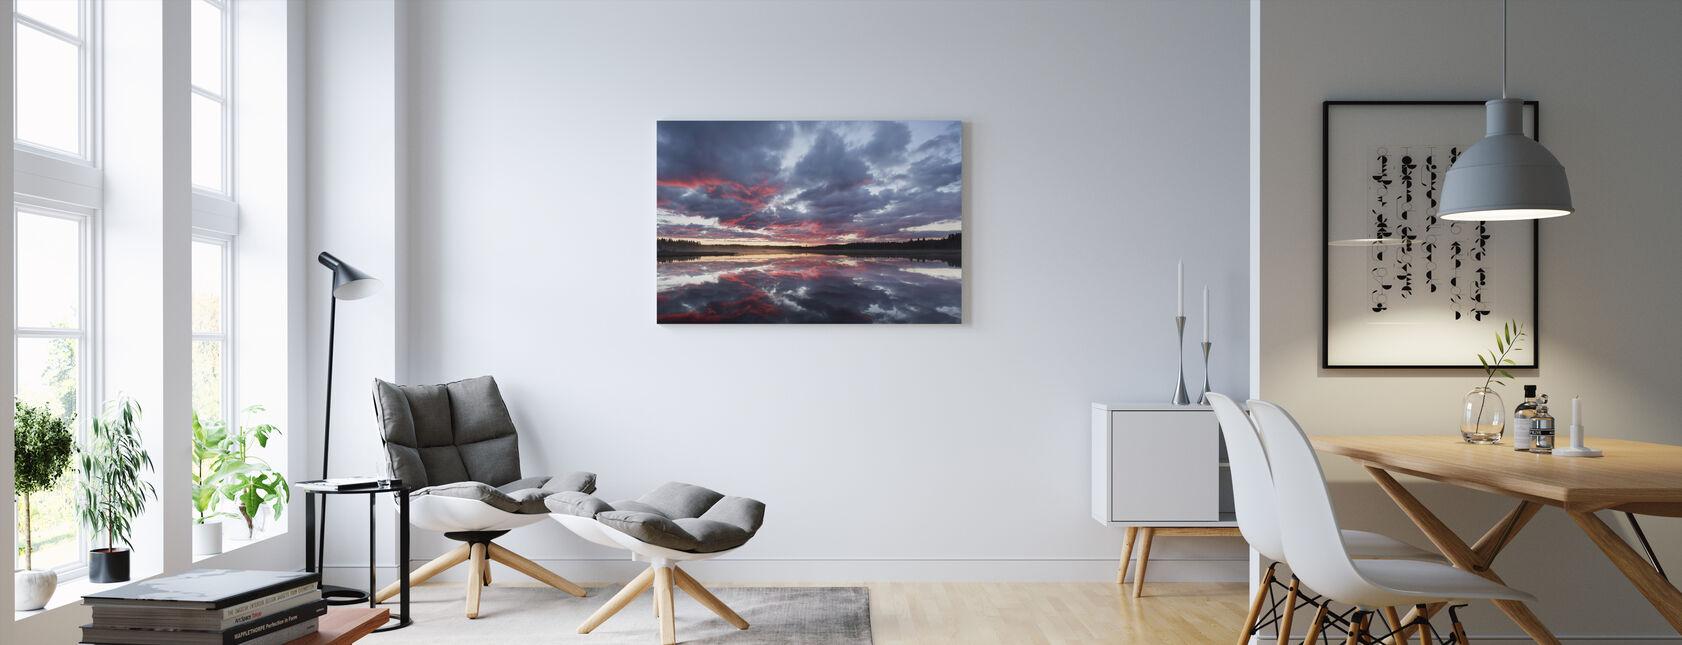 Nydalasjön, Västerbotten - Canvastavla - Vardagsrum